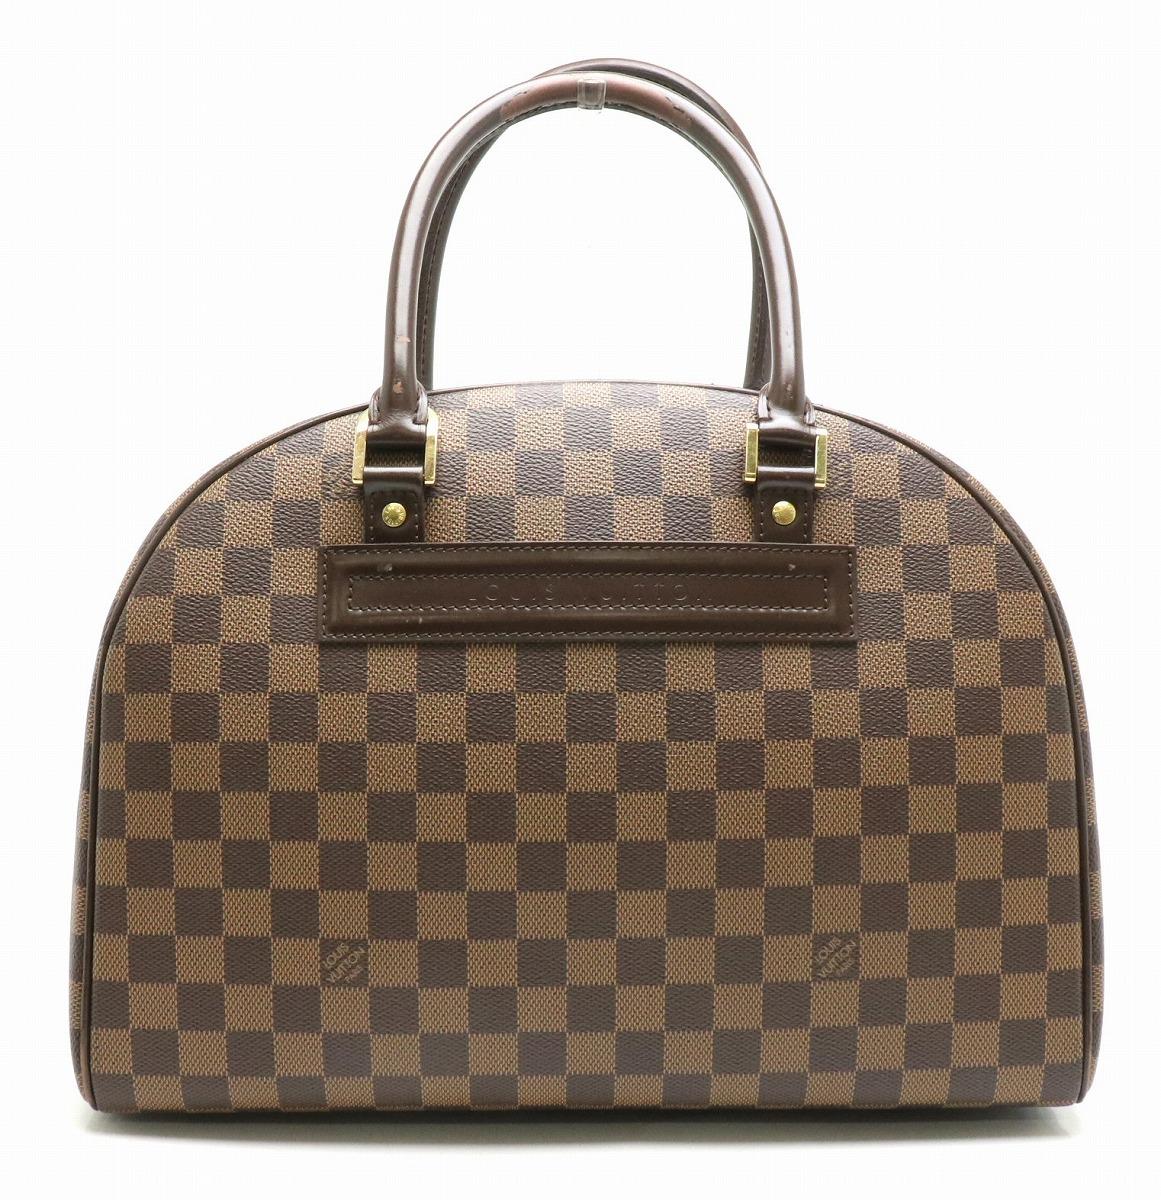 【バッグ】LOUIS VUITTON ルイ ヴィトン ダミエ ノリータ24 ハンドバッグ ボストンバッグ N41455 【中古】【s】